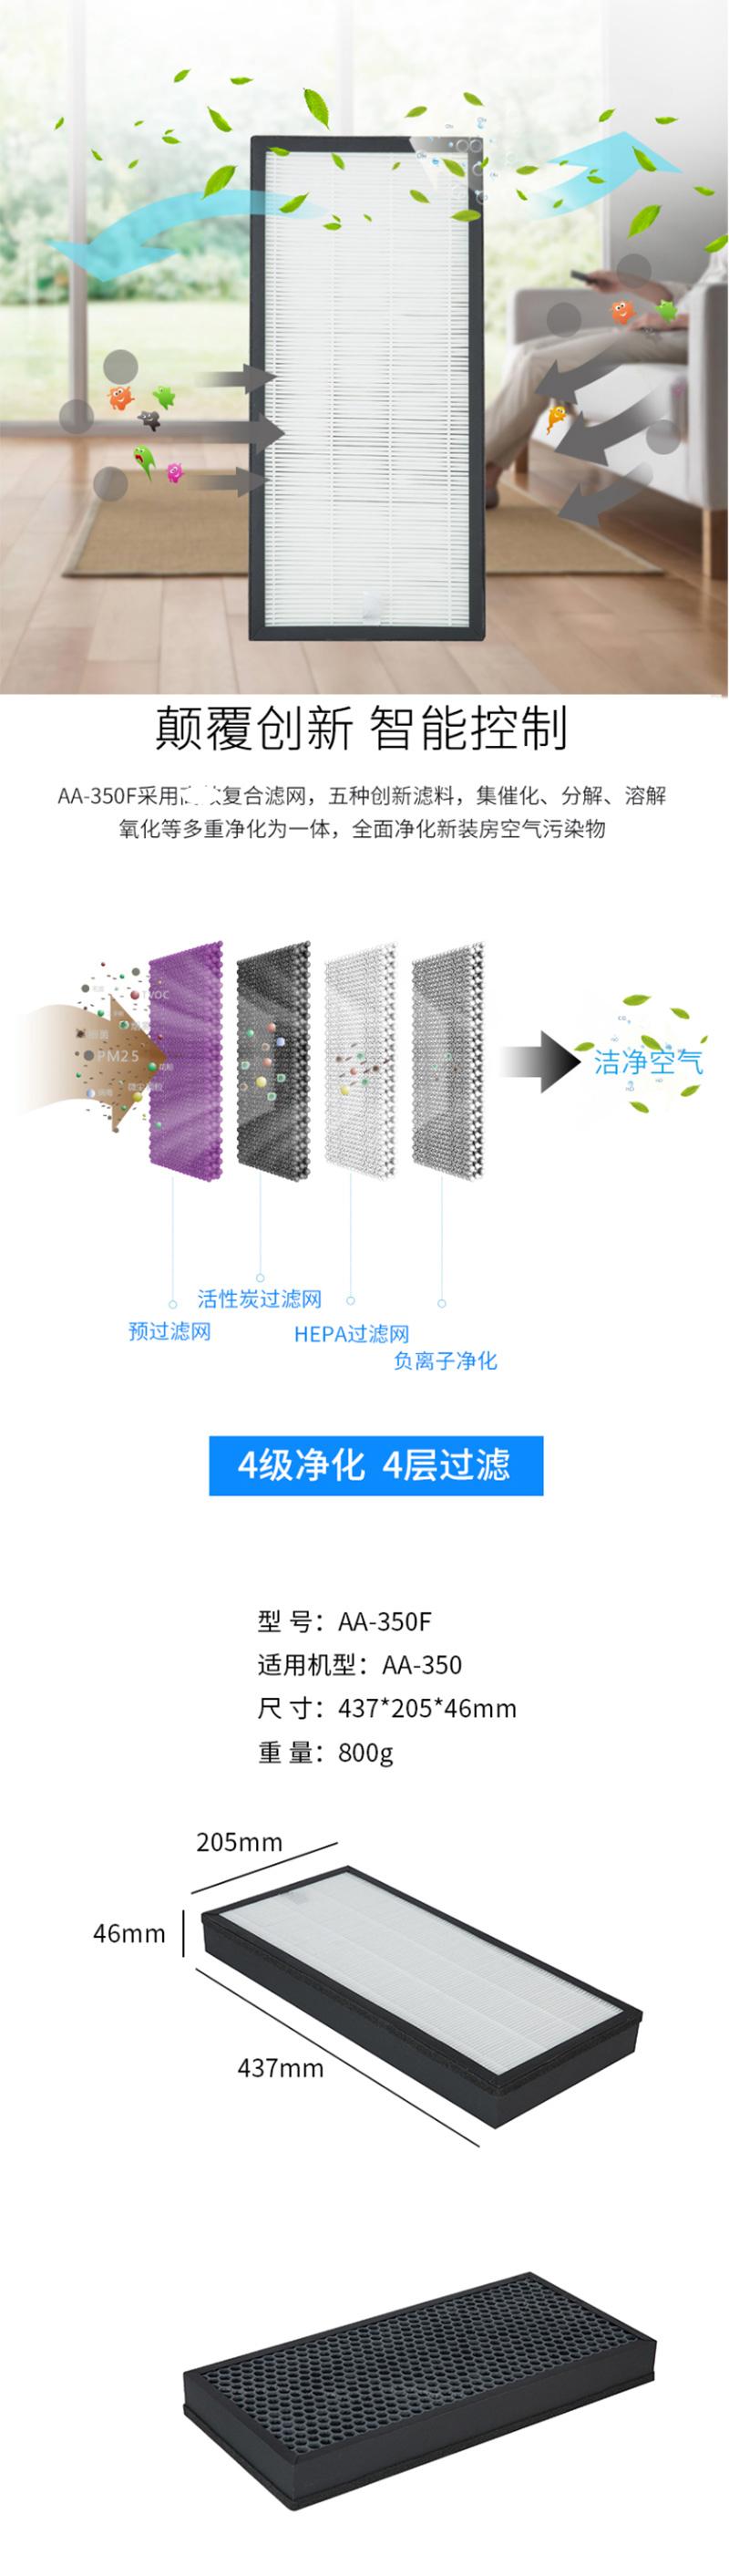 震旦AA-350F 空气净化器滤网